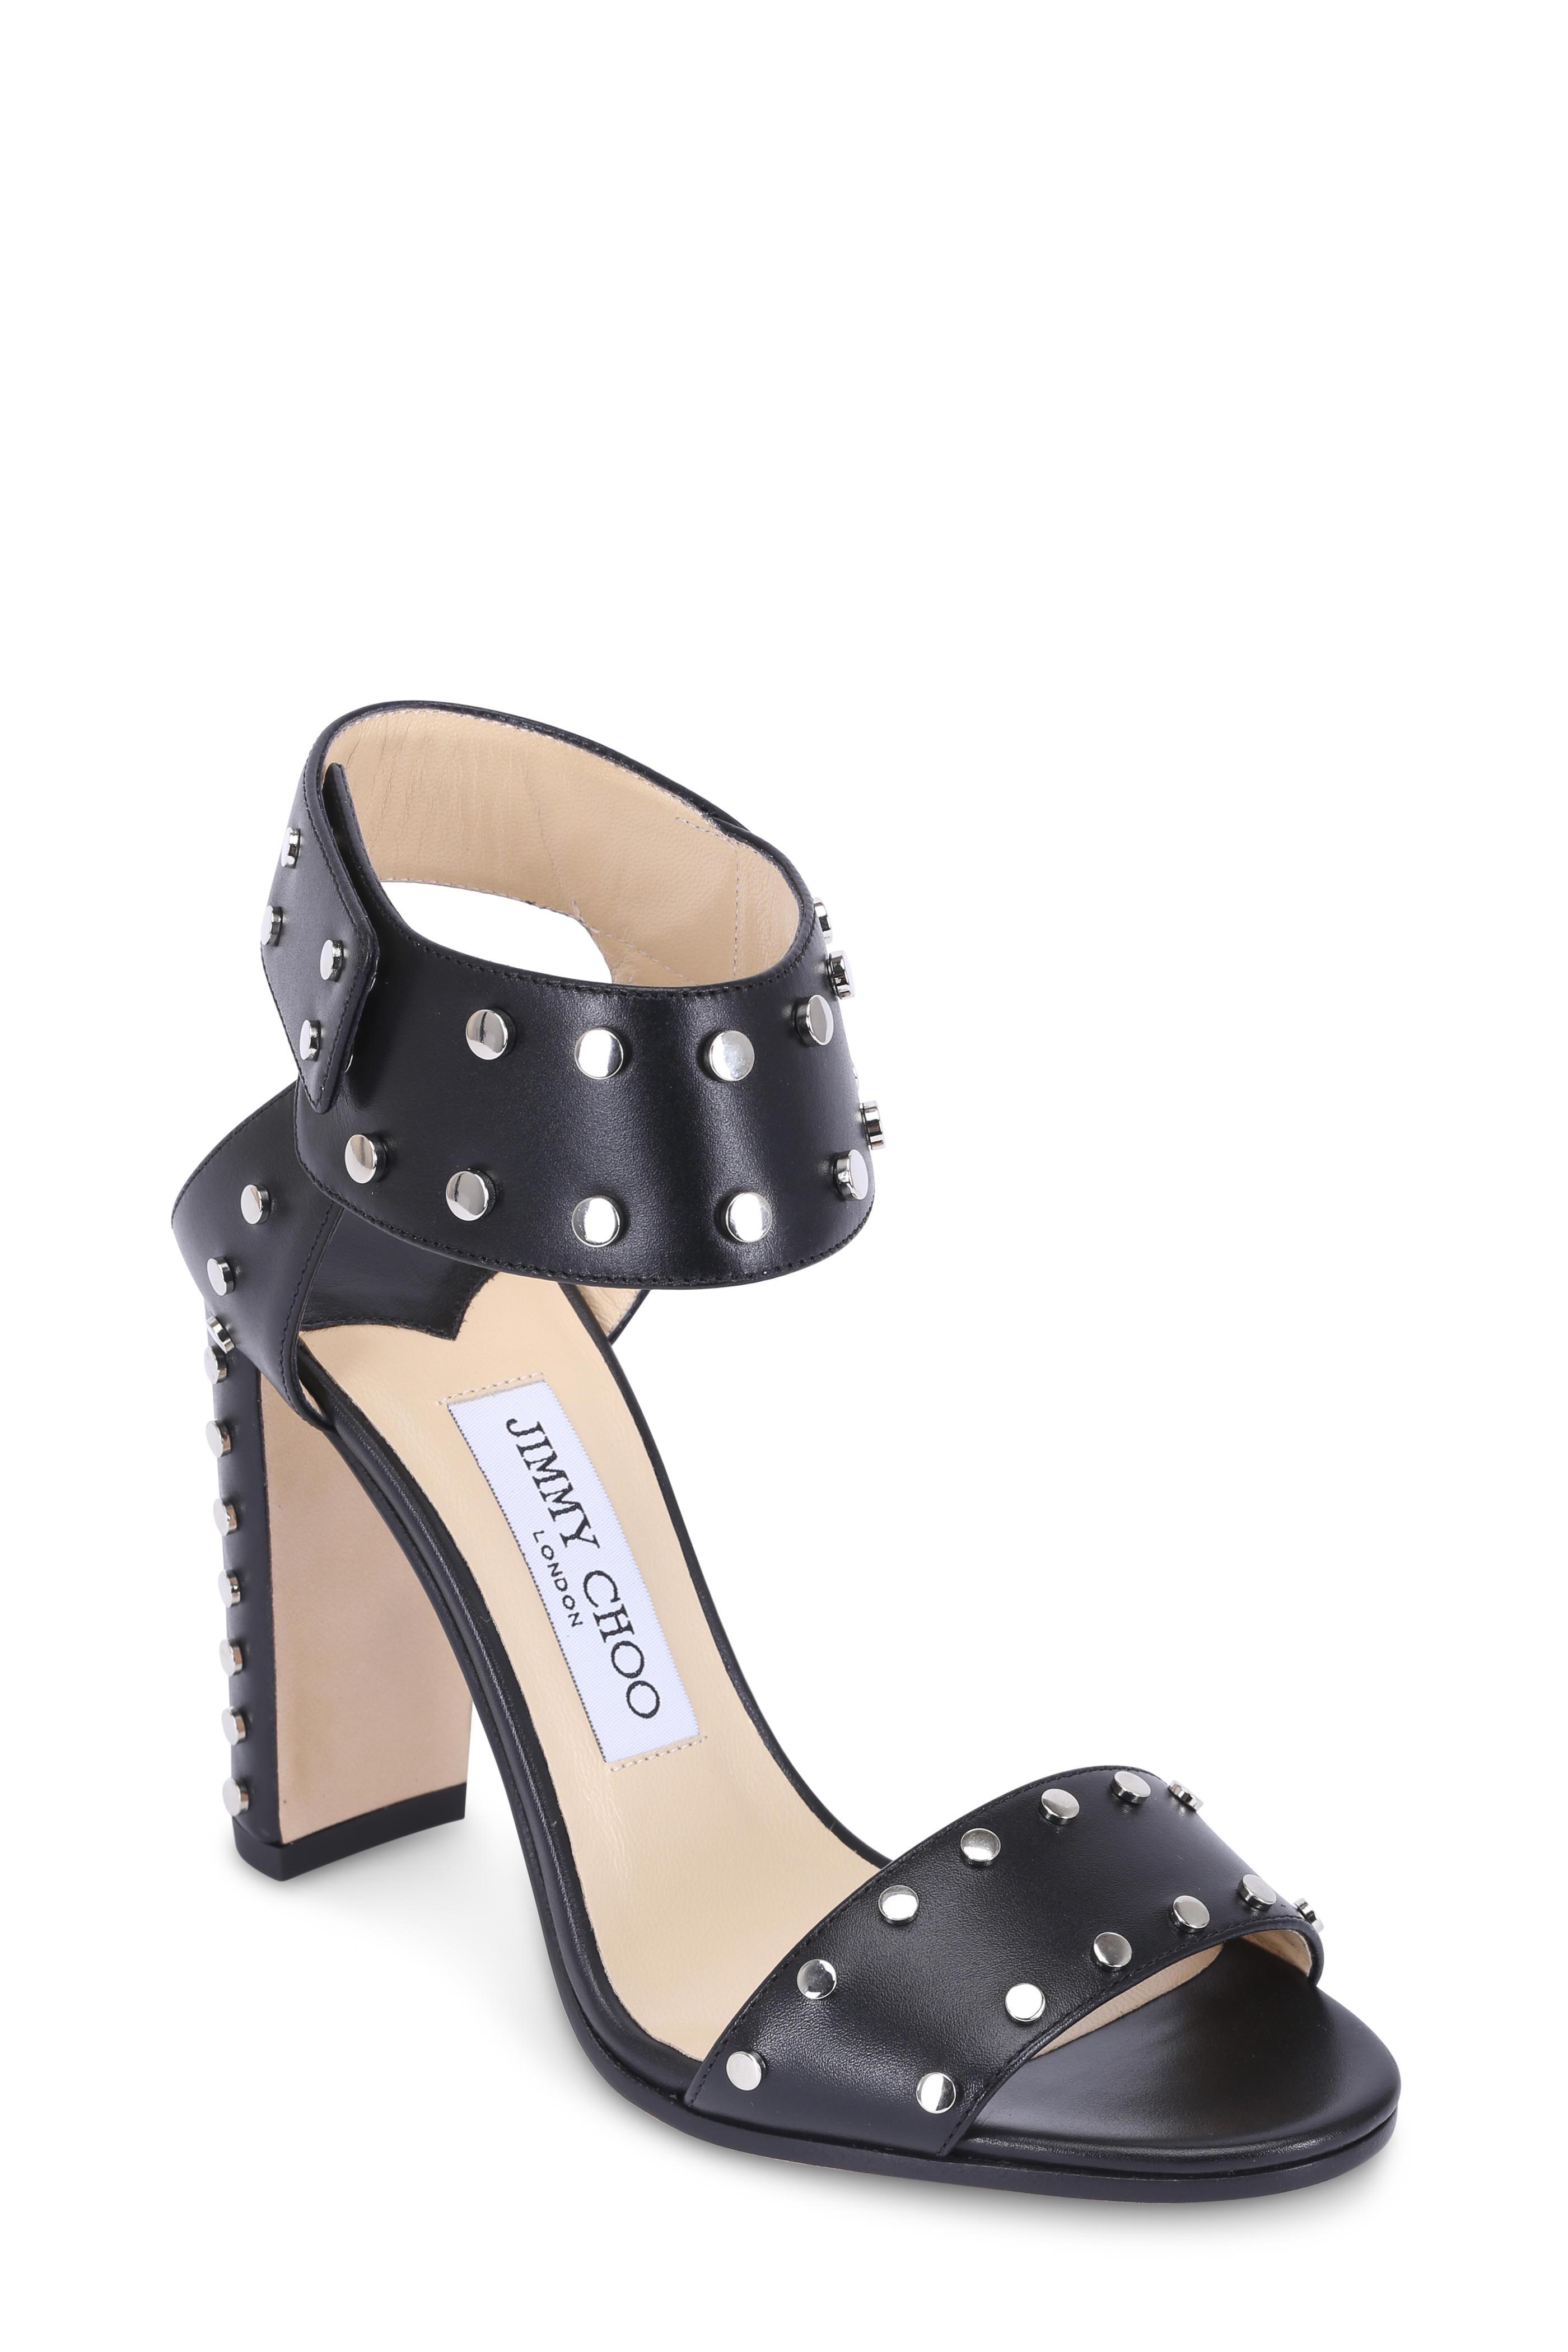 d2a3ce603ba Jimmy Choo - Veto Black Leather Studded Sandal